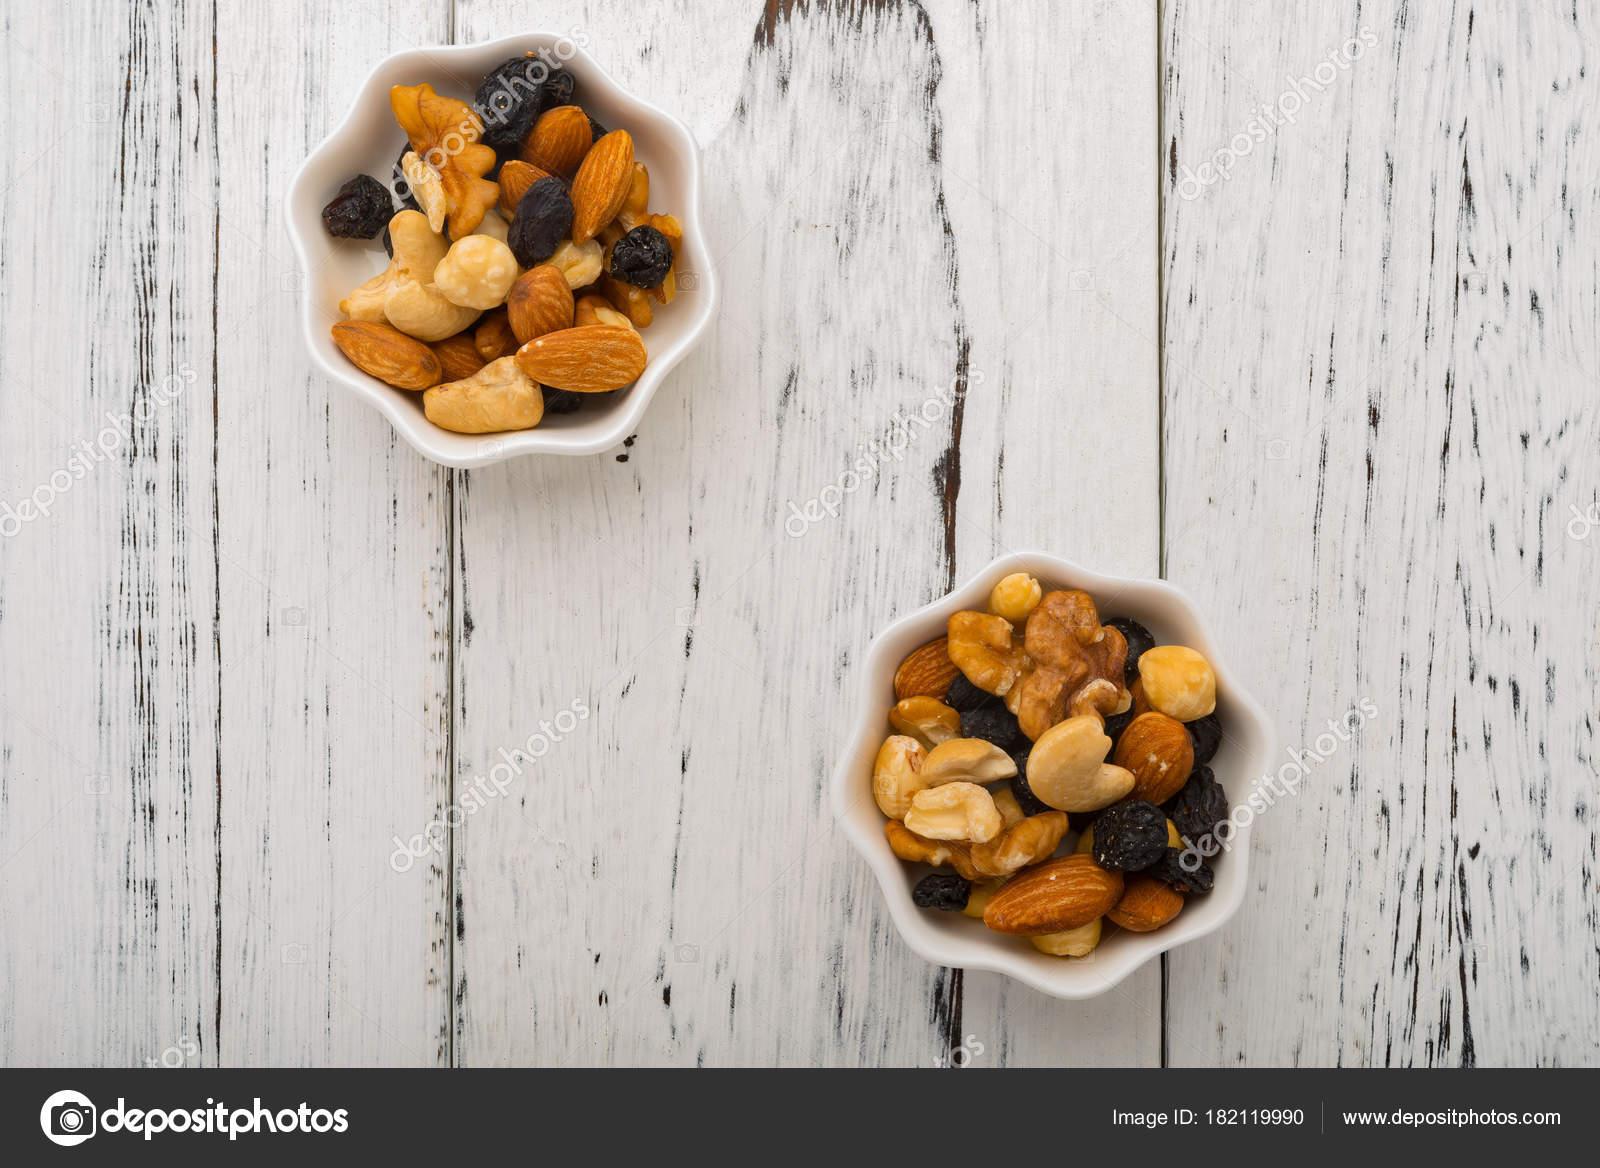 Fındık Yemeklerde Nasıl Kullanılır